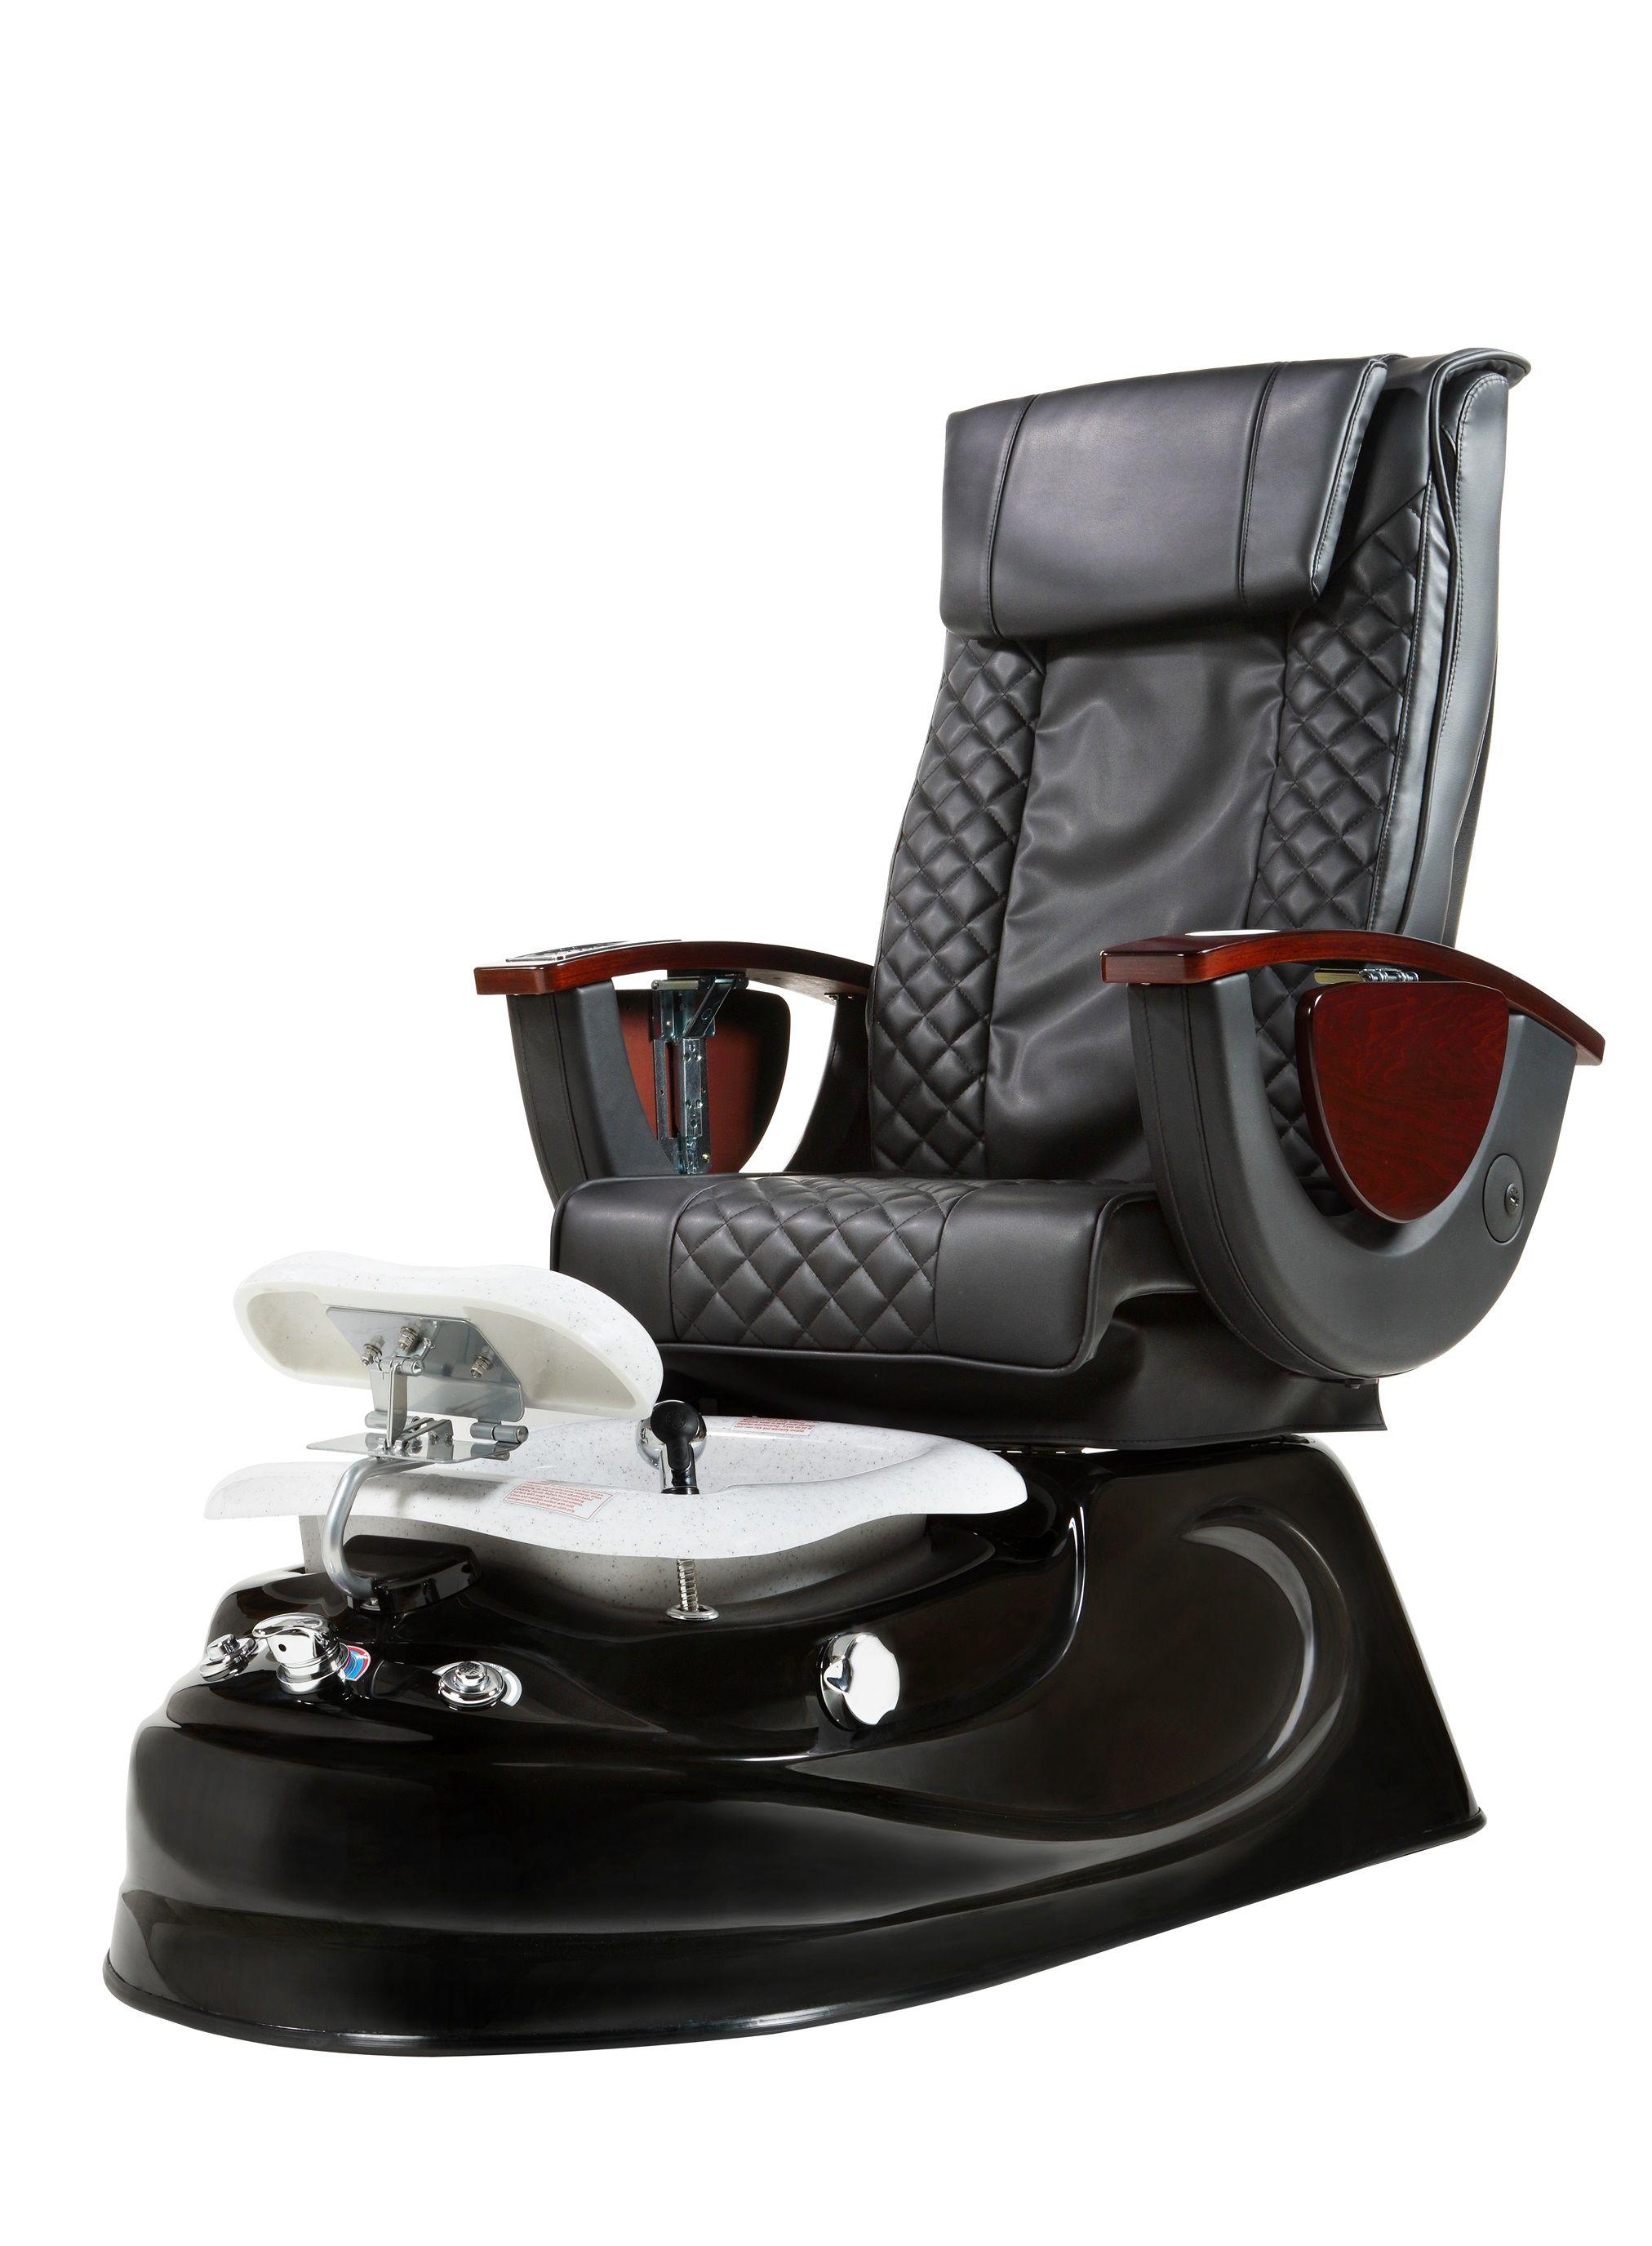 HK 9125 spa chair